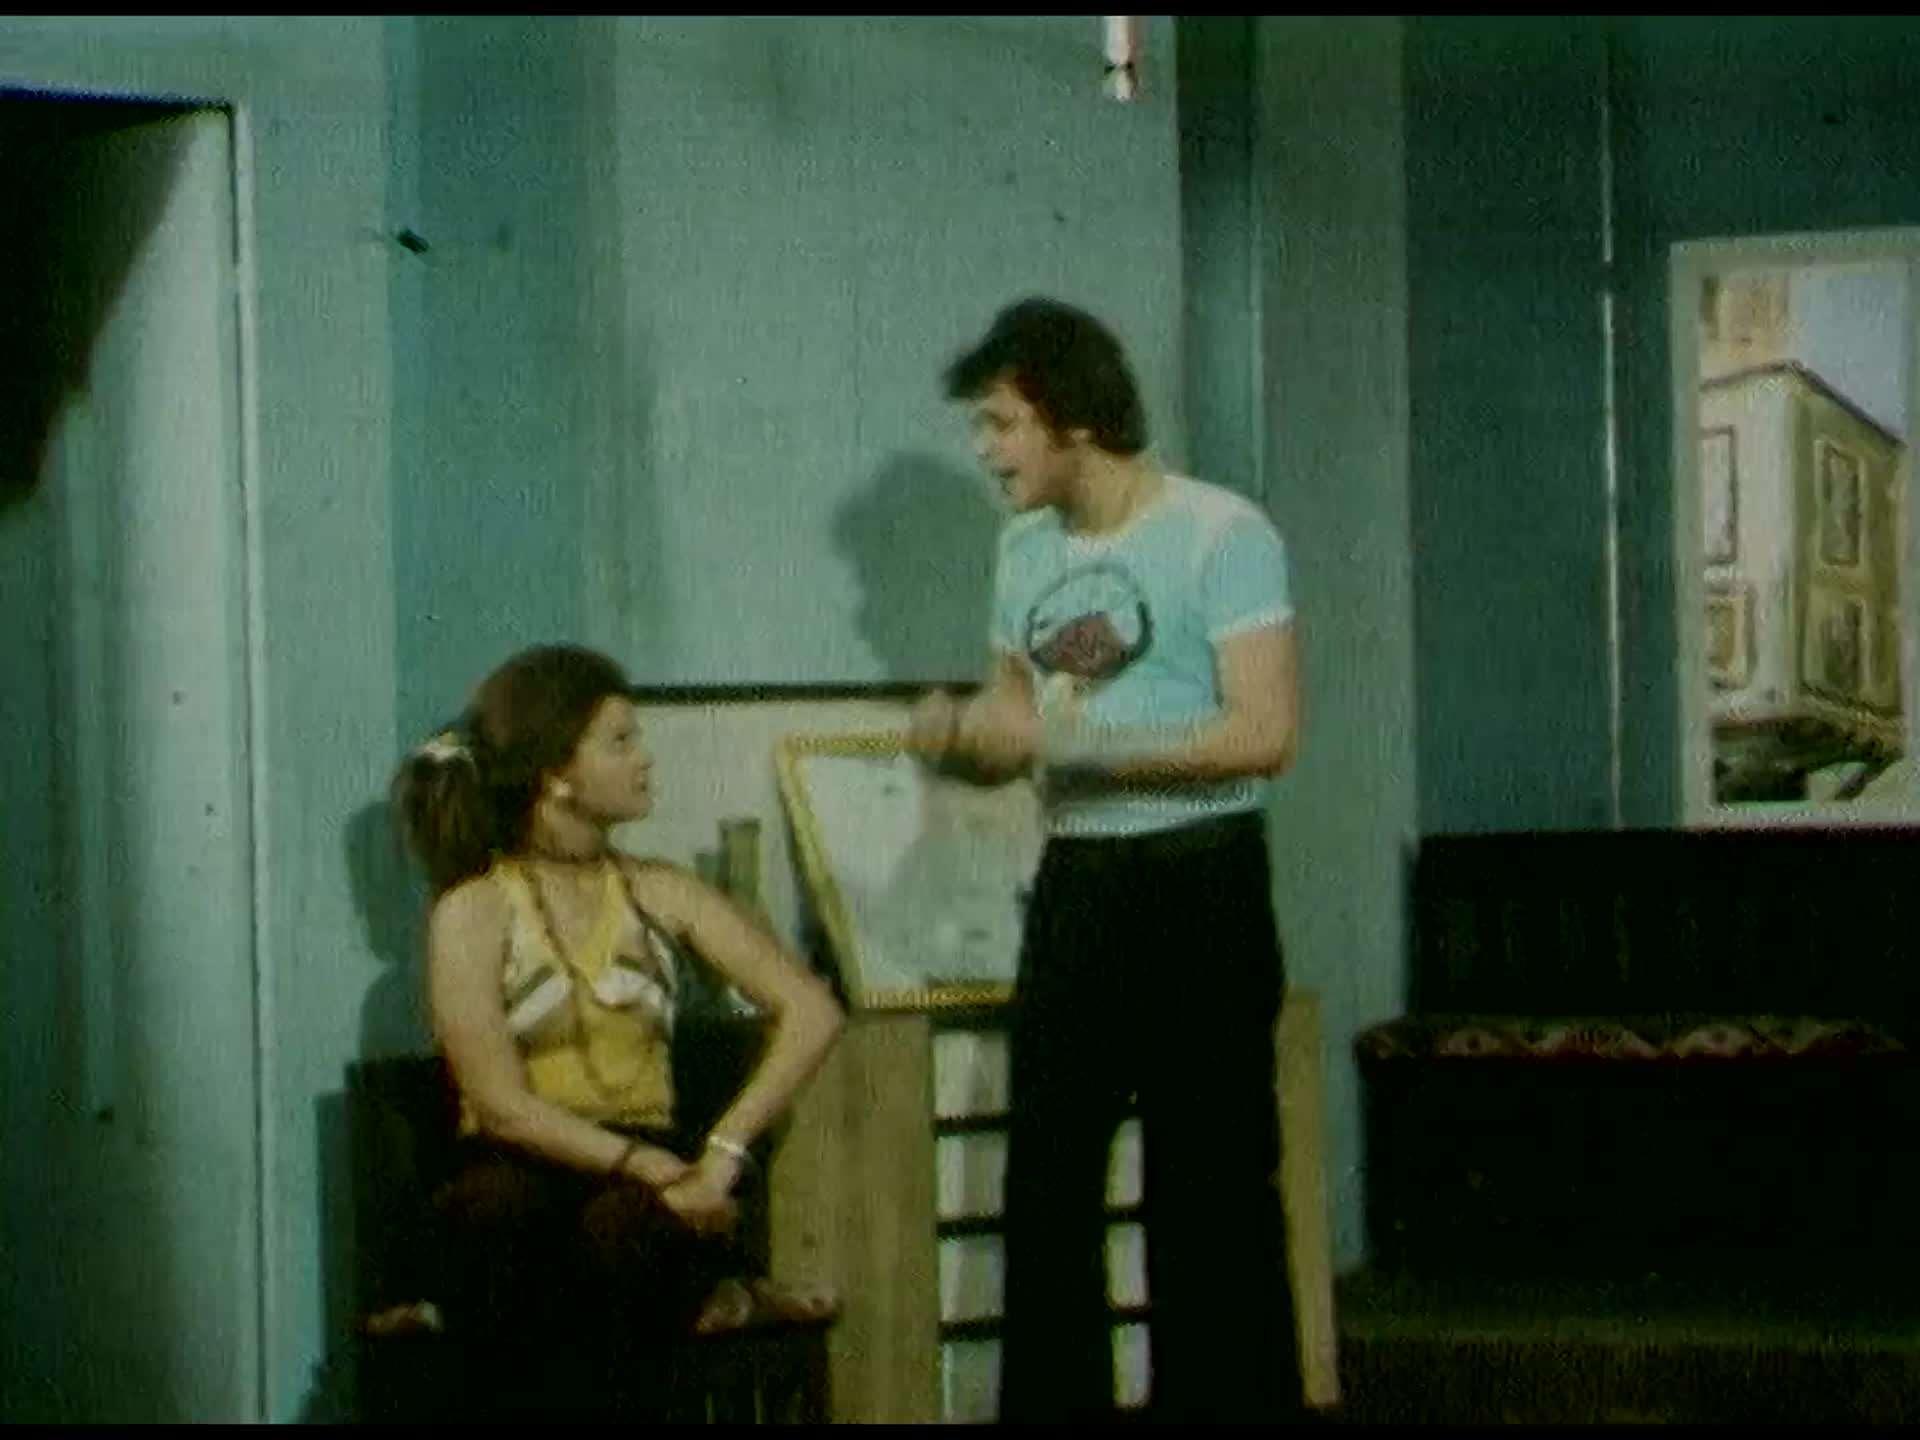 مسرحية لوليتا (1974) 1080p تحميل تورنت 6 arabp2p.com